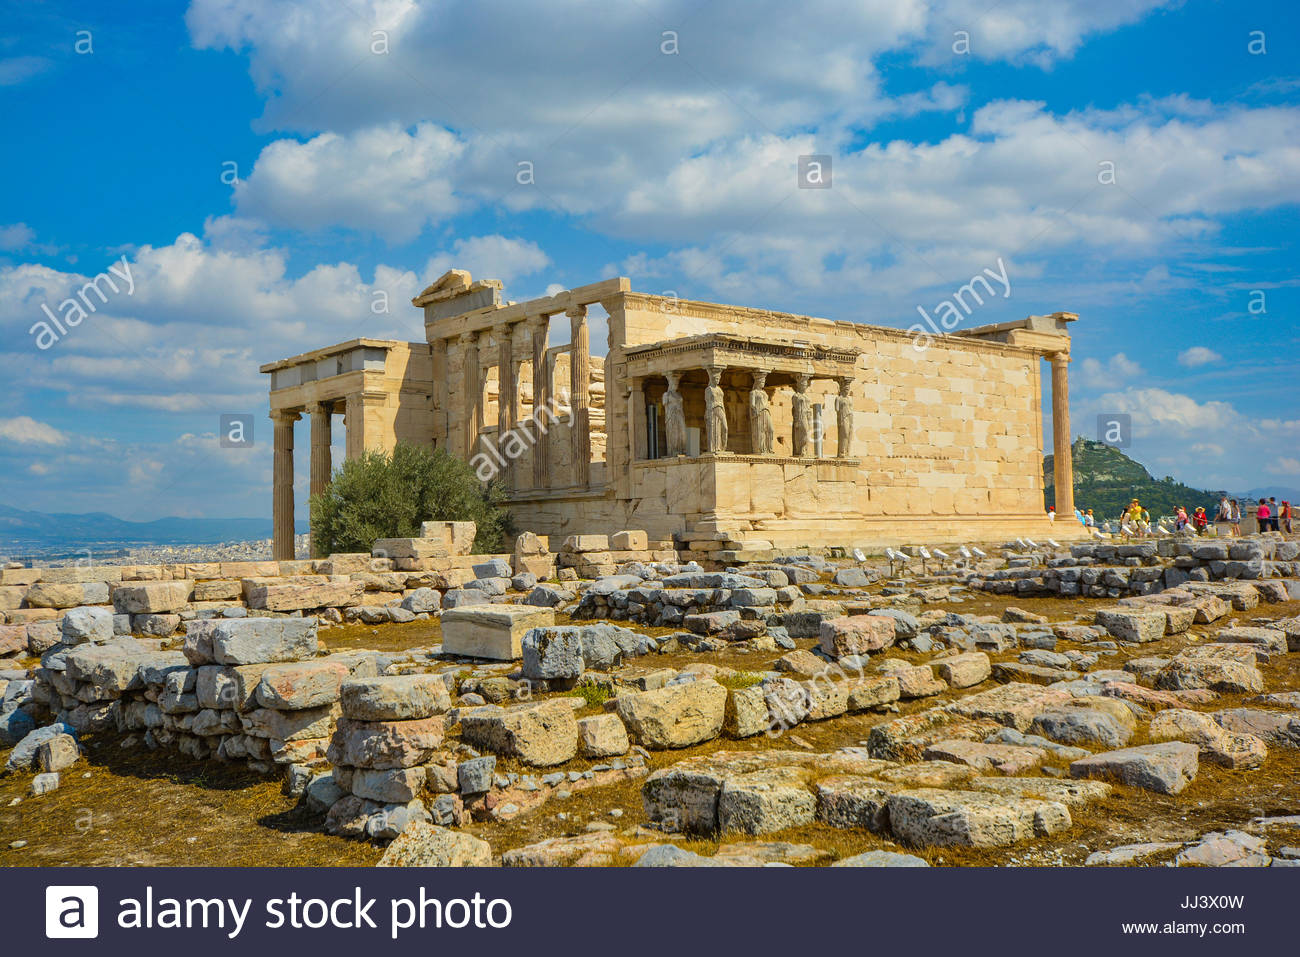 Blick auf das Erechtheion Tempel auf der Akropolis in Athen Athen Griechenland an einem warmen Sommertag mit Lykavittos Stockbild